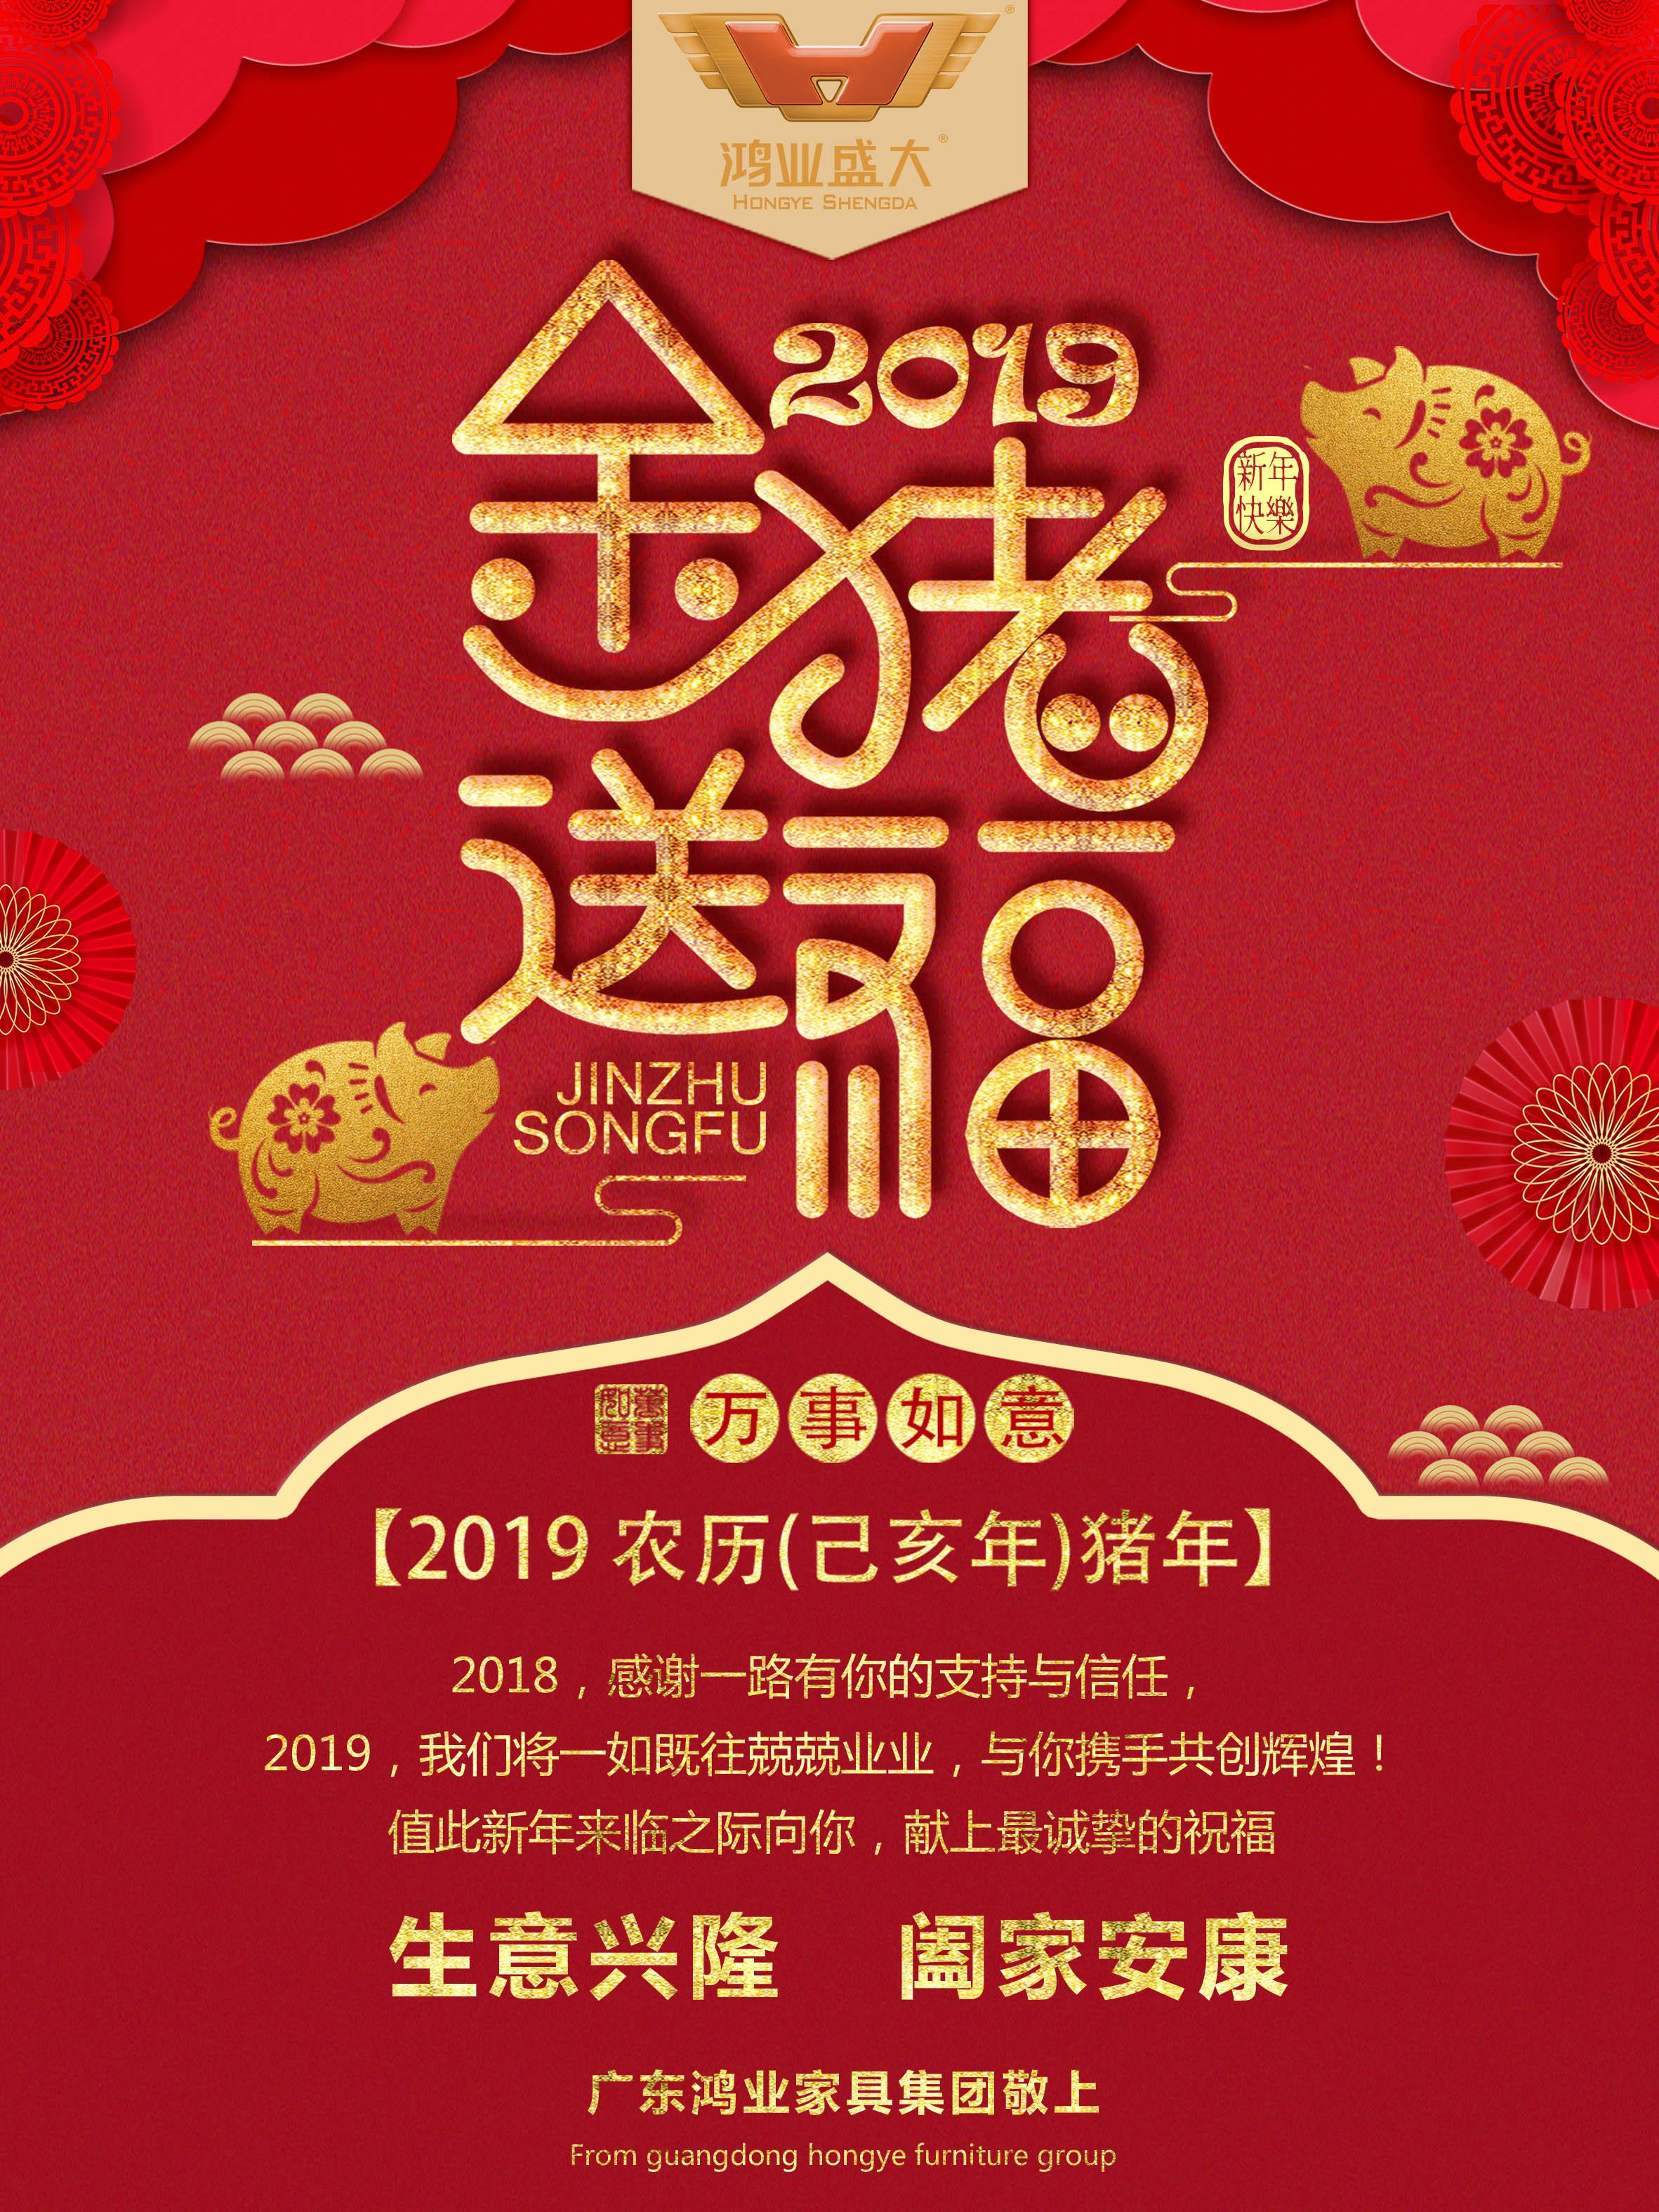 2019春节放假 2019春节放假安排图片